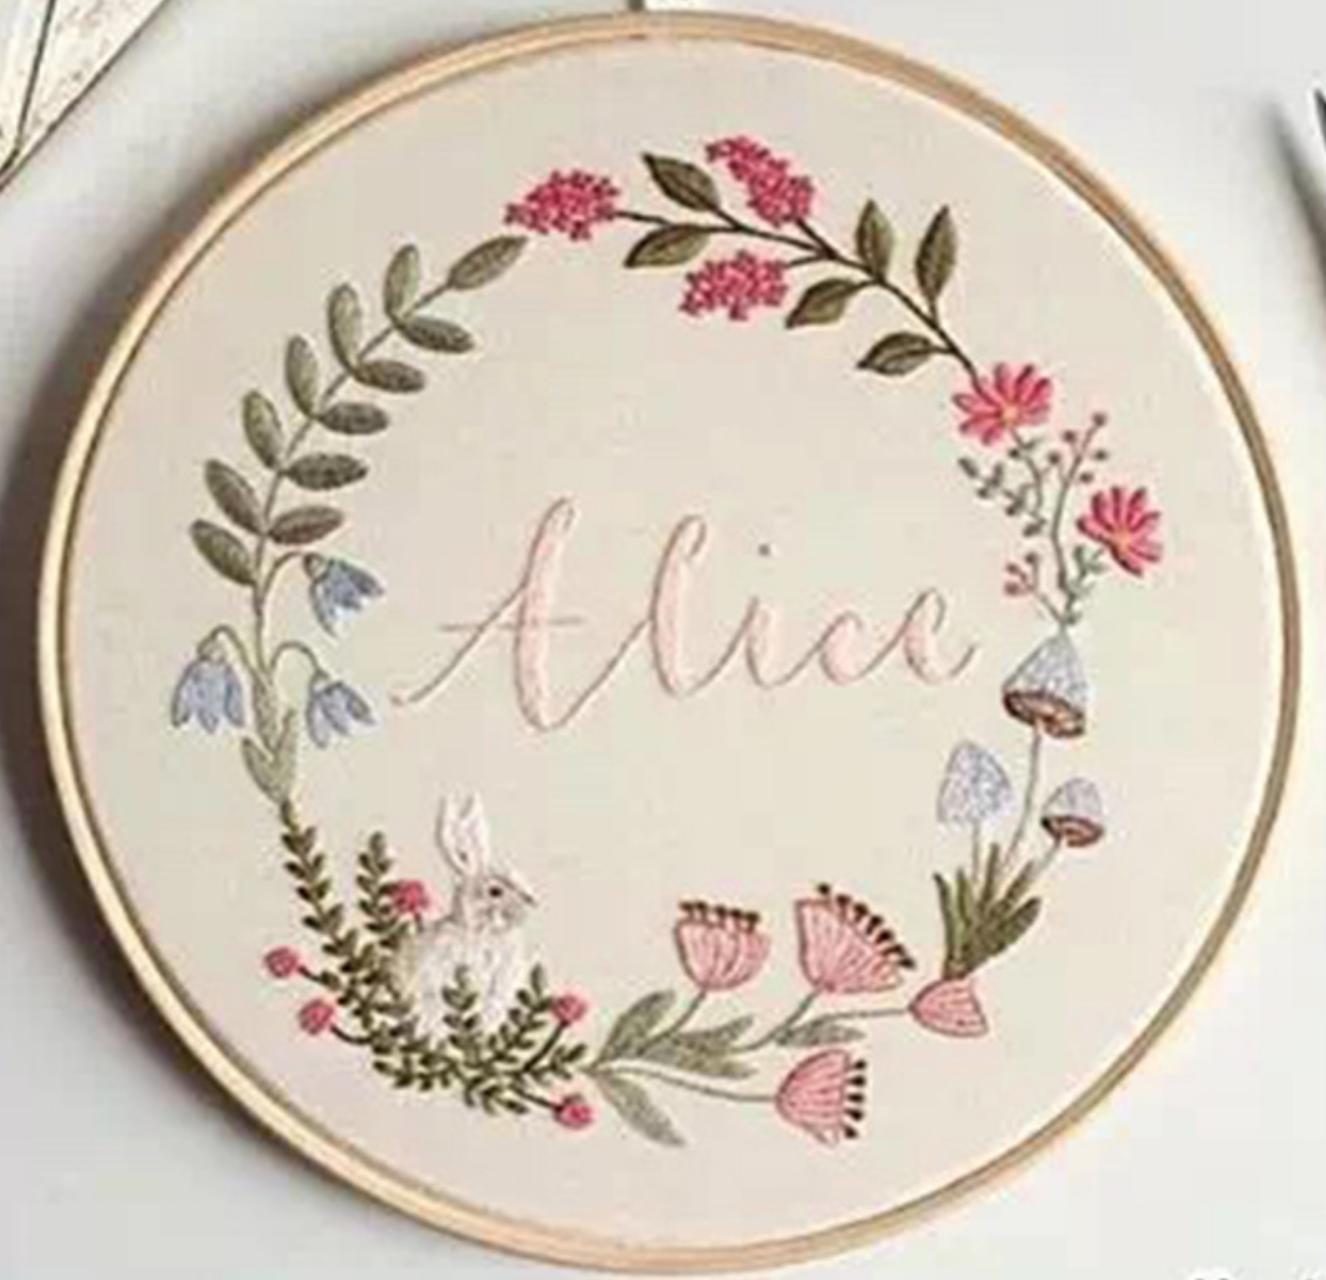 Su Zi Alice 15cm Embroidery